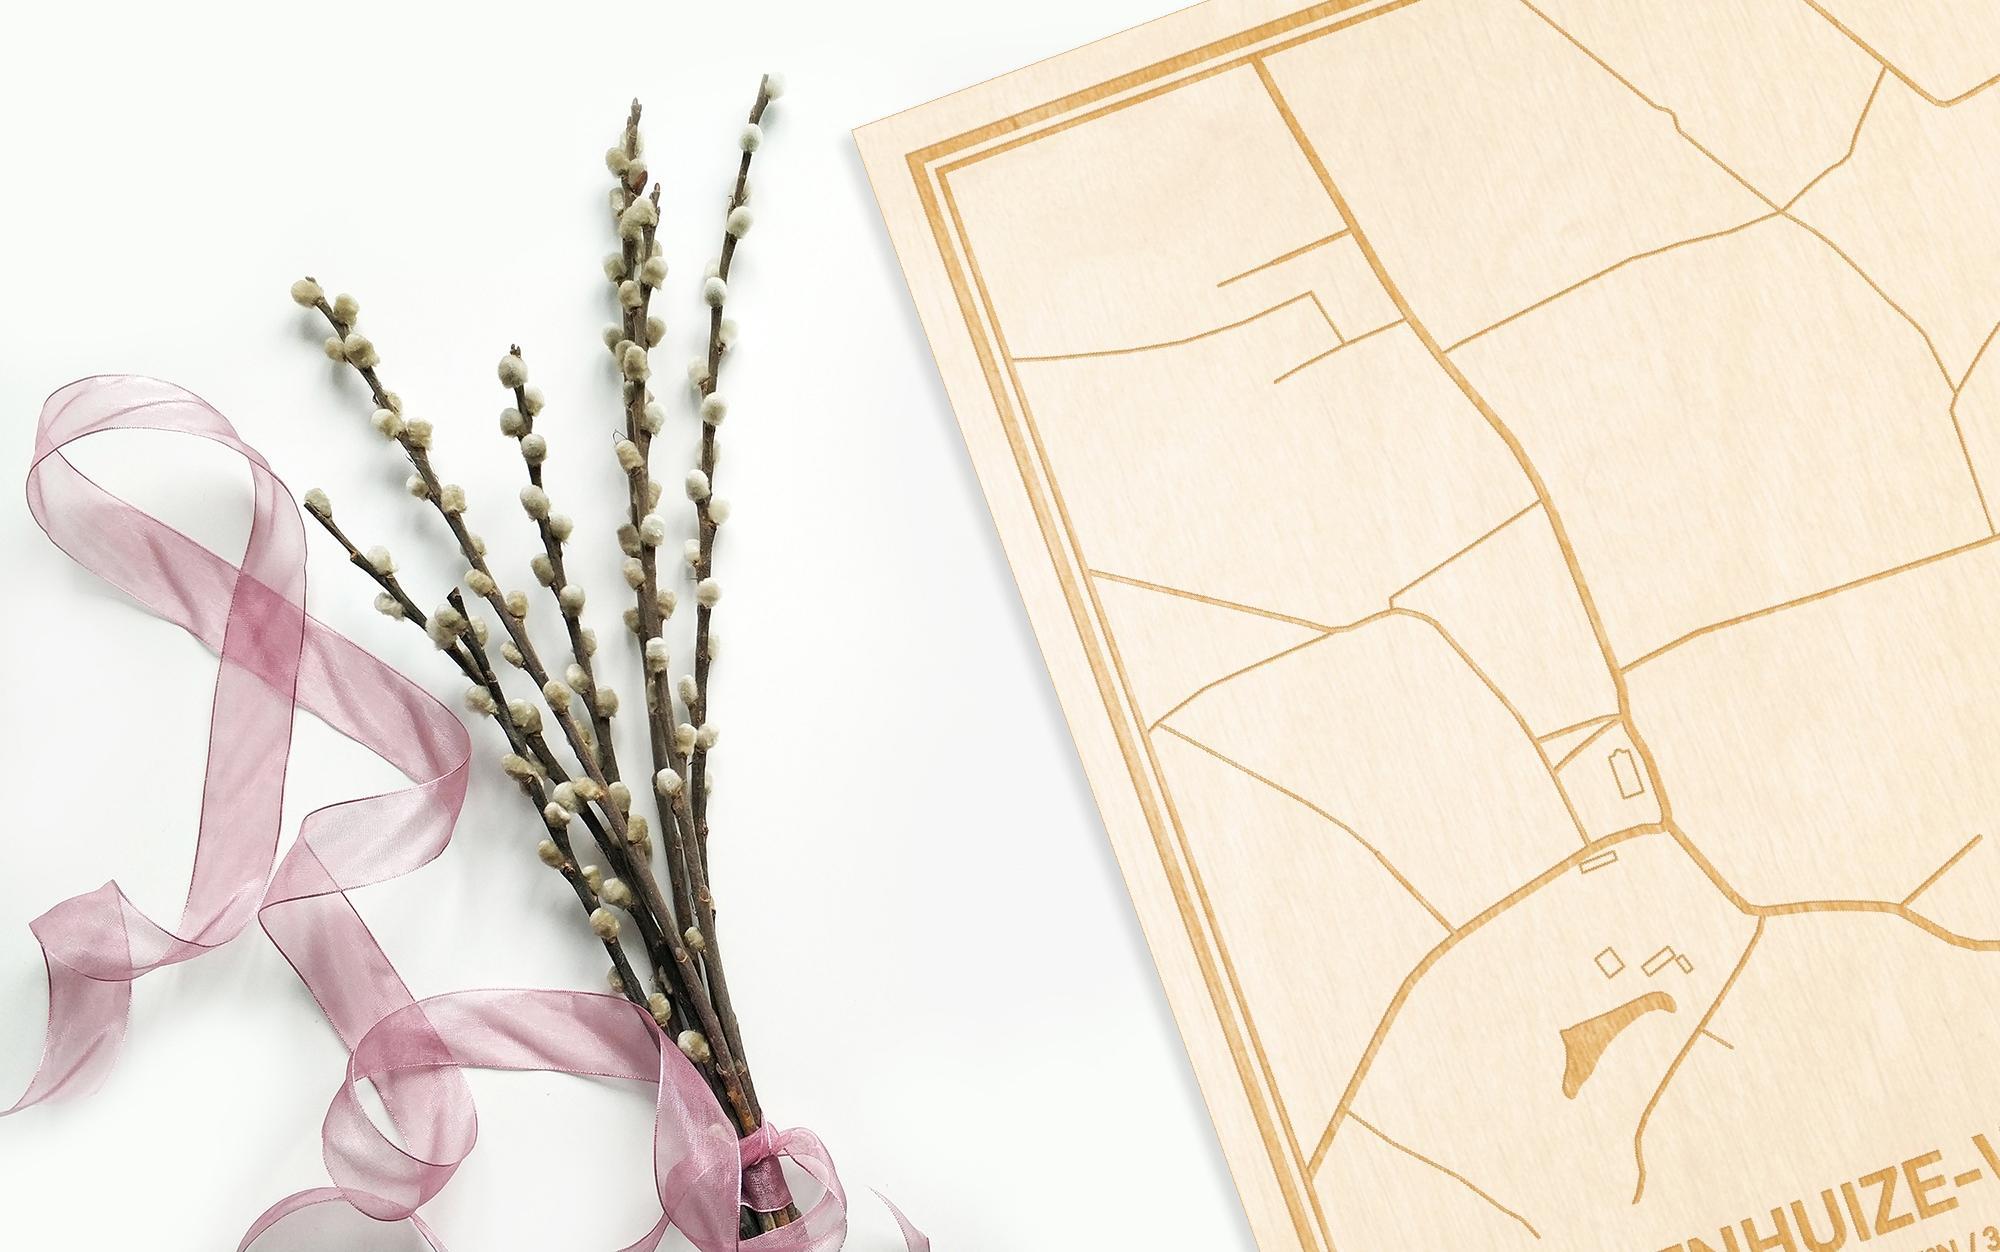 Hier ligt de houten plattegrond Steenhuize-Wijnhuize naast een bloemetje als gepersonaliseerd cadeau voor haar.